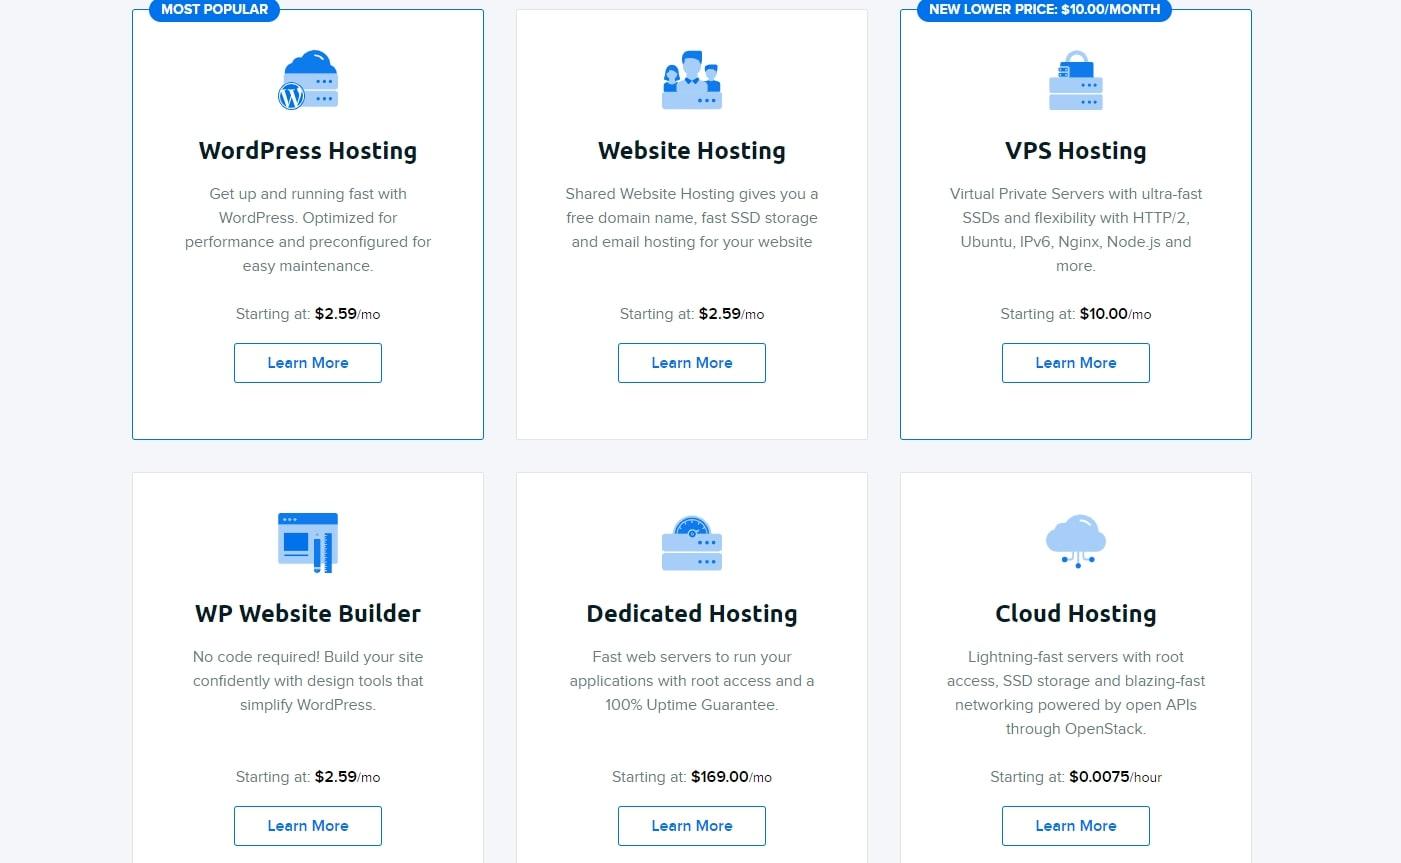 DreamHost propose une gamme d'options d'hébergement et de prix